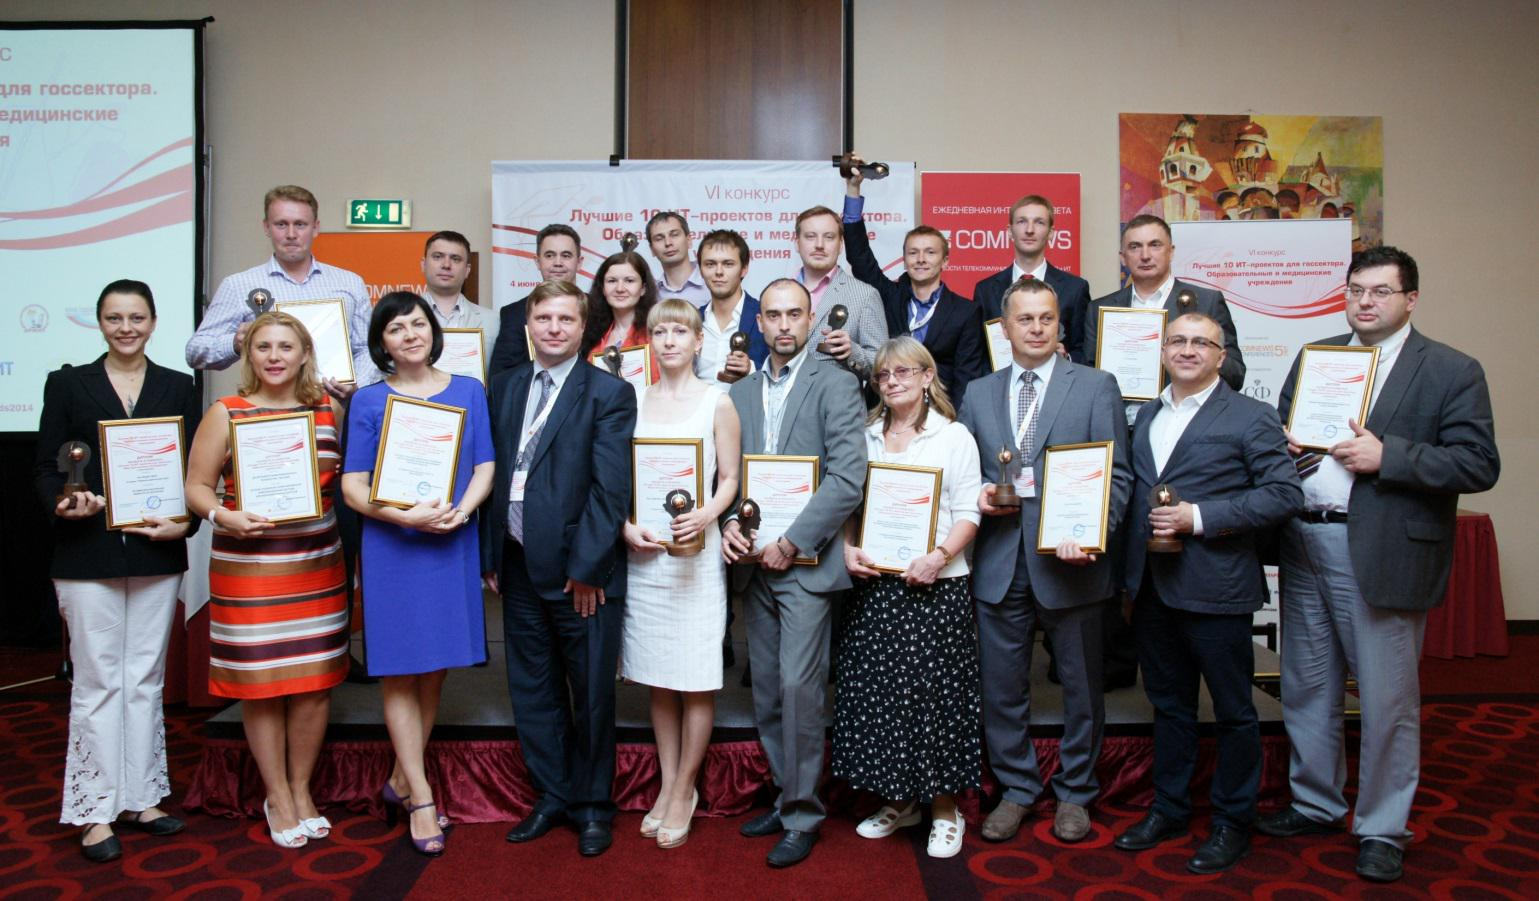 Форум «Приоритеты 2014: Информатизация образования и здравоохранения в России»